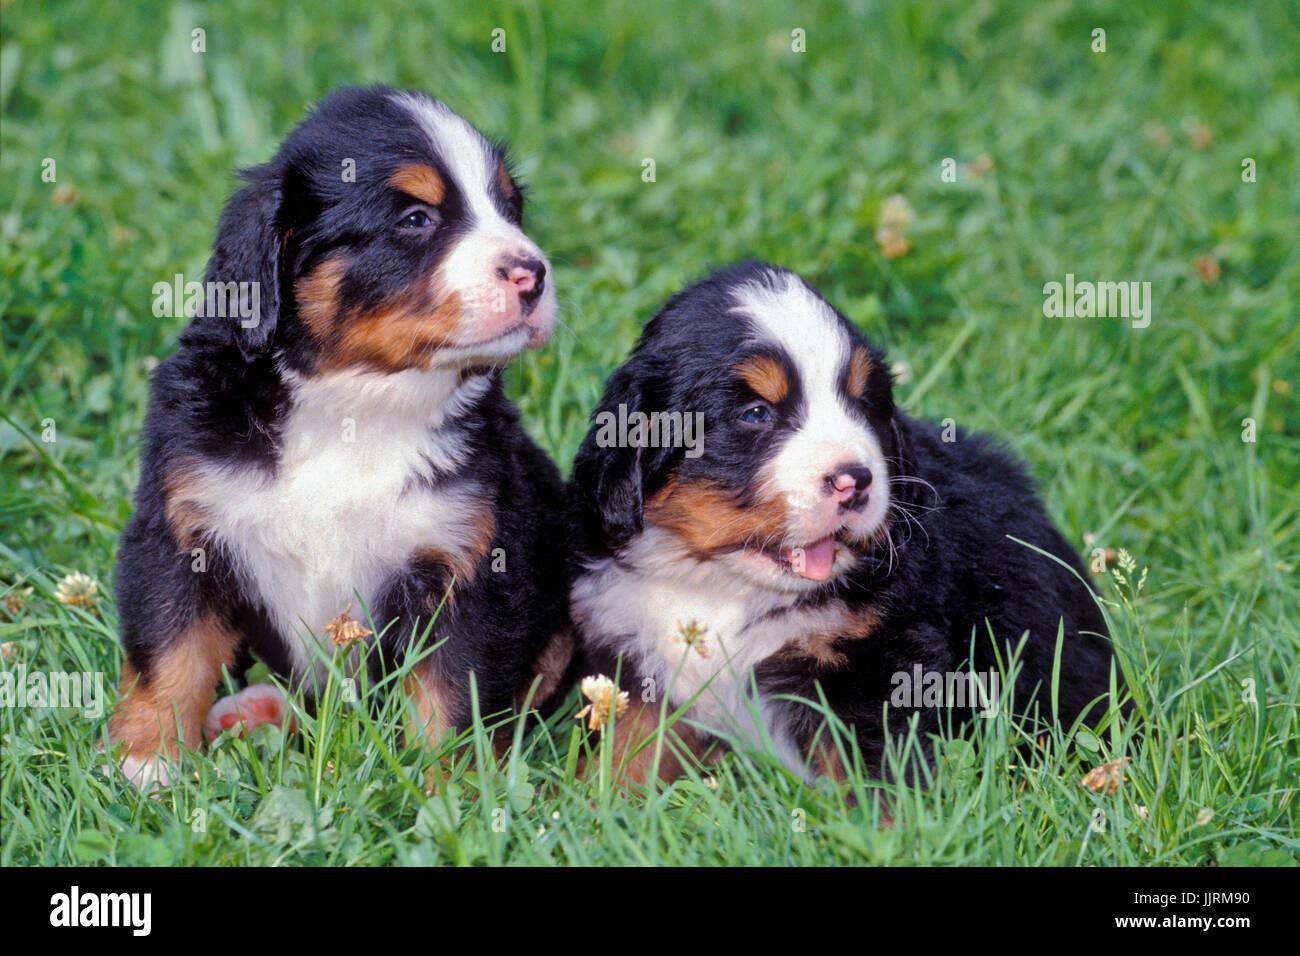 Perro San Bernardo, dos cachorros sentados juntos en el césped Imagen De Stock